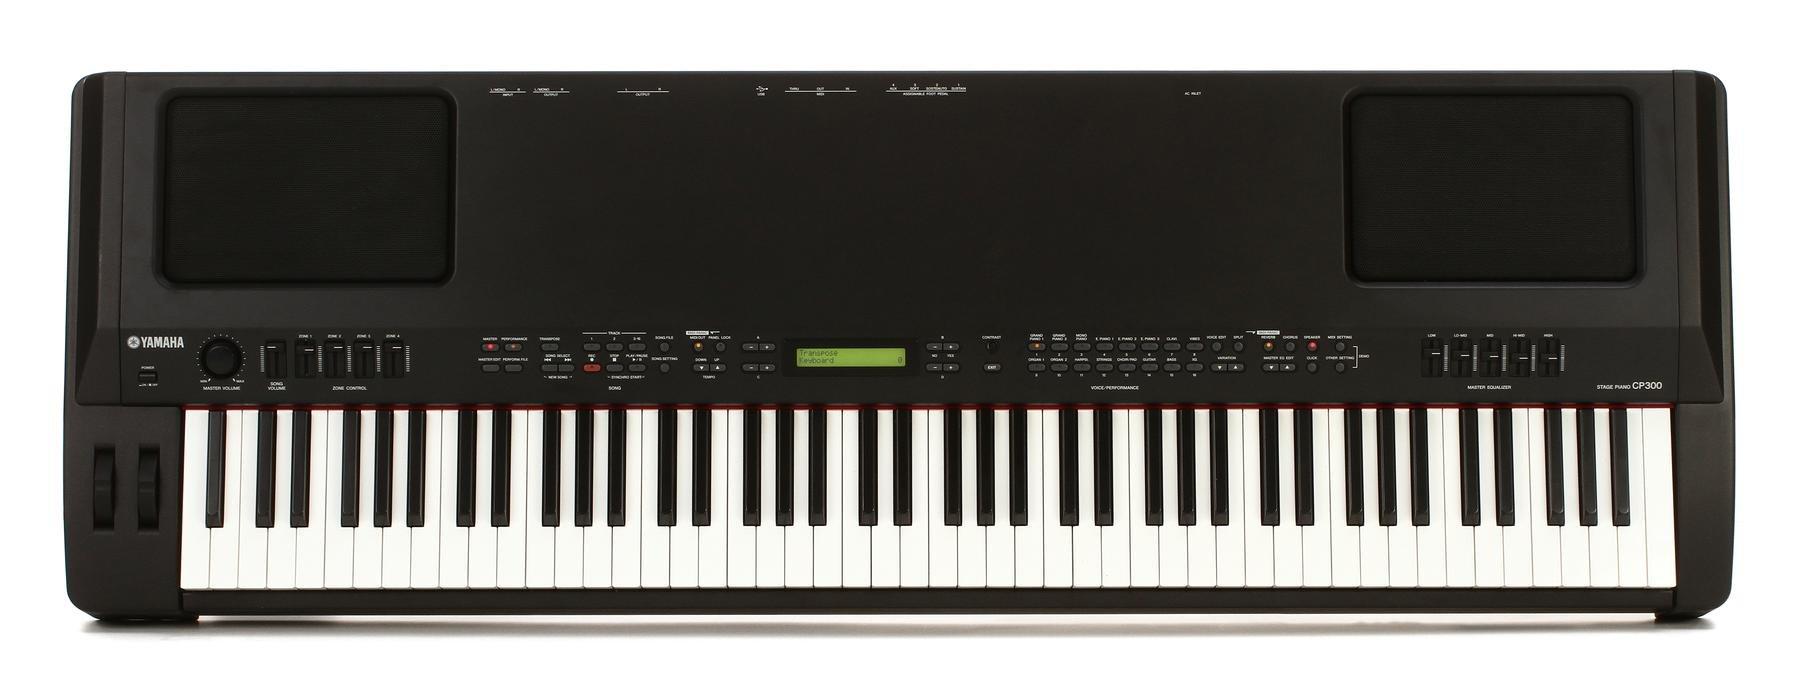 Yamaha Cp Craigslist